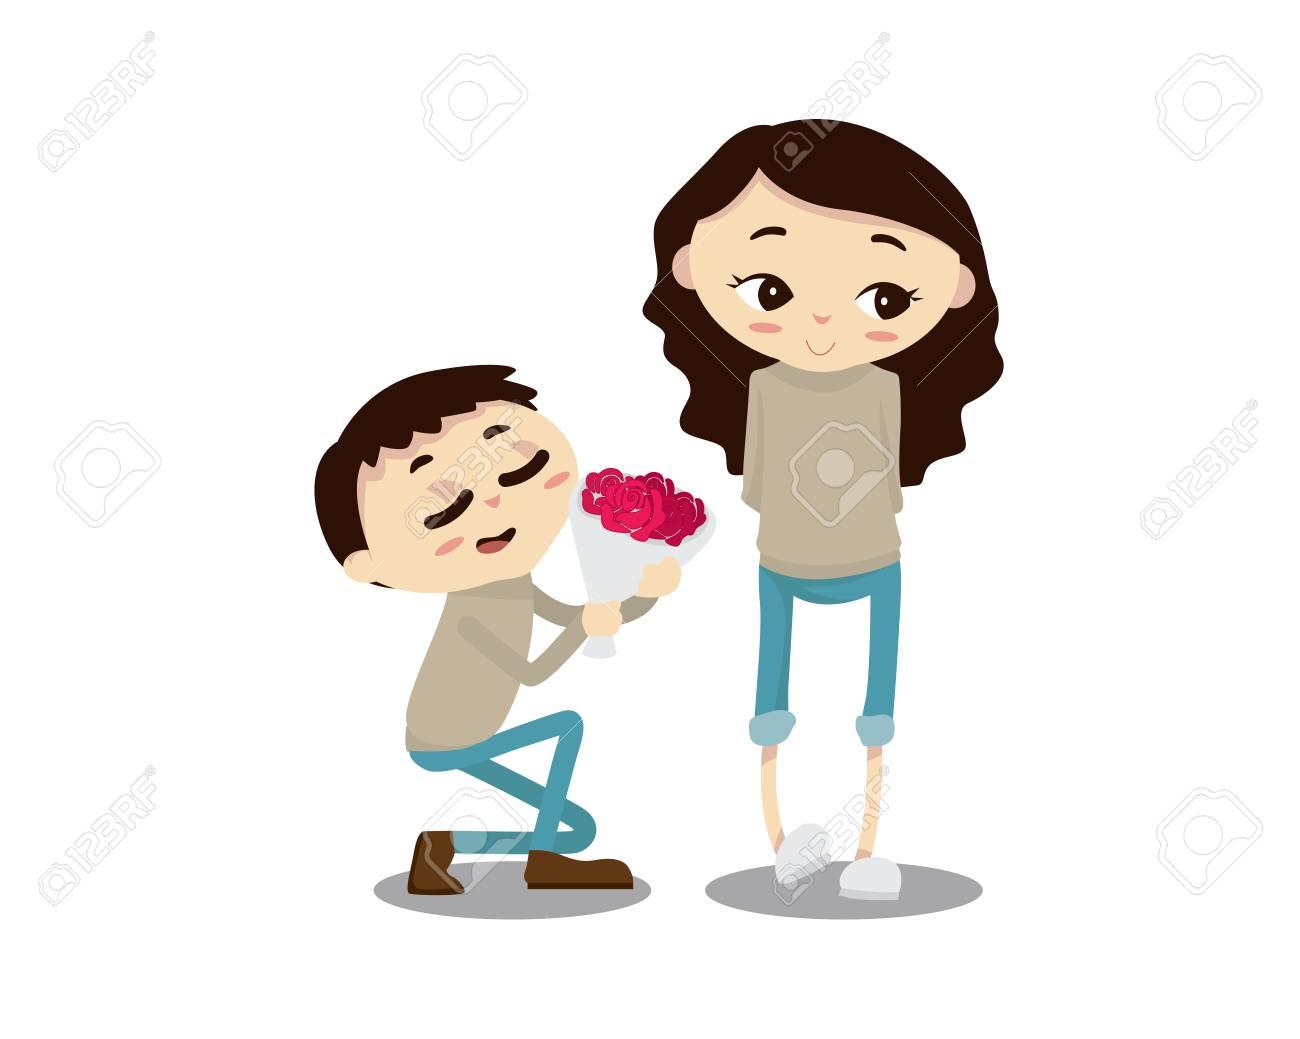 ロマンチックなバレンタインのカップル イラスト - 幸せな記念日親愛なり